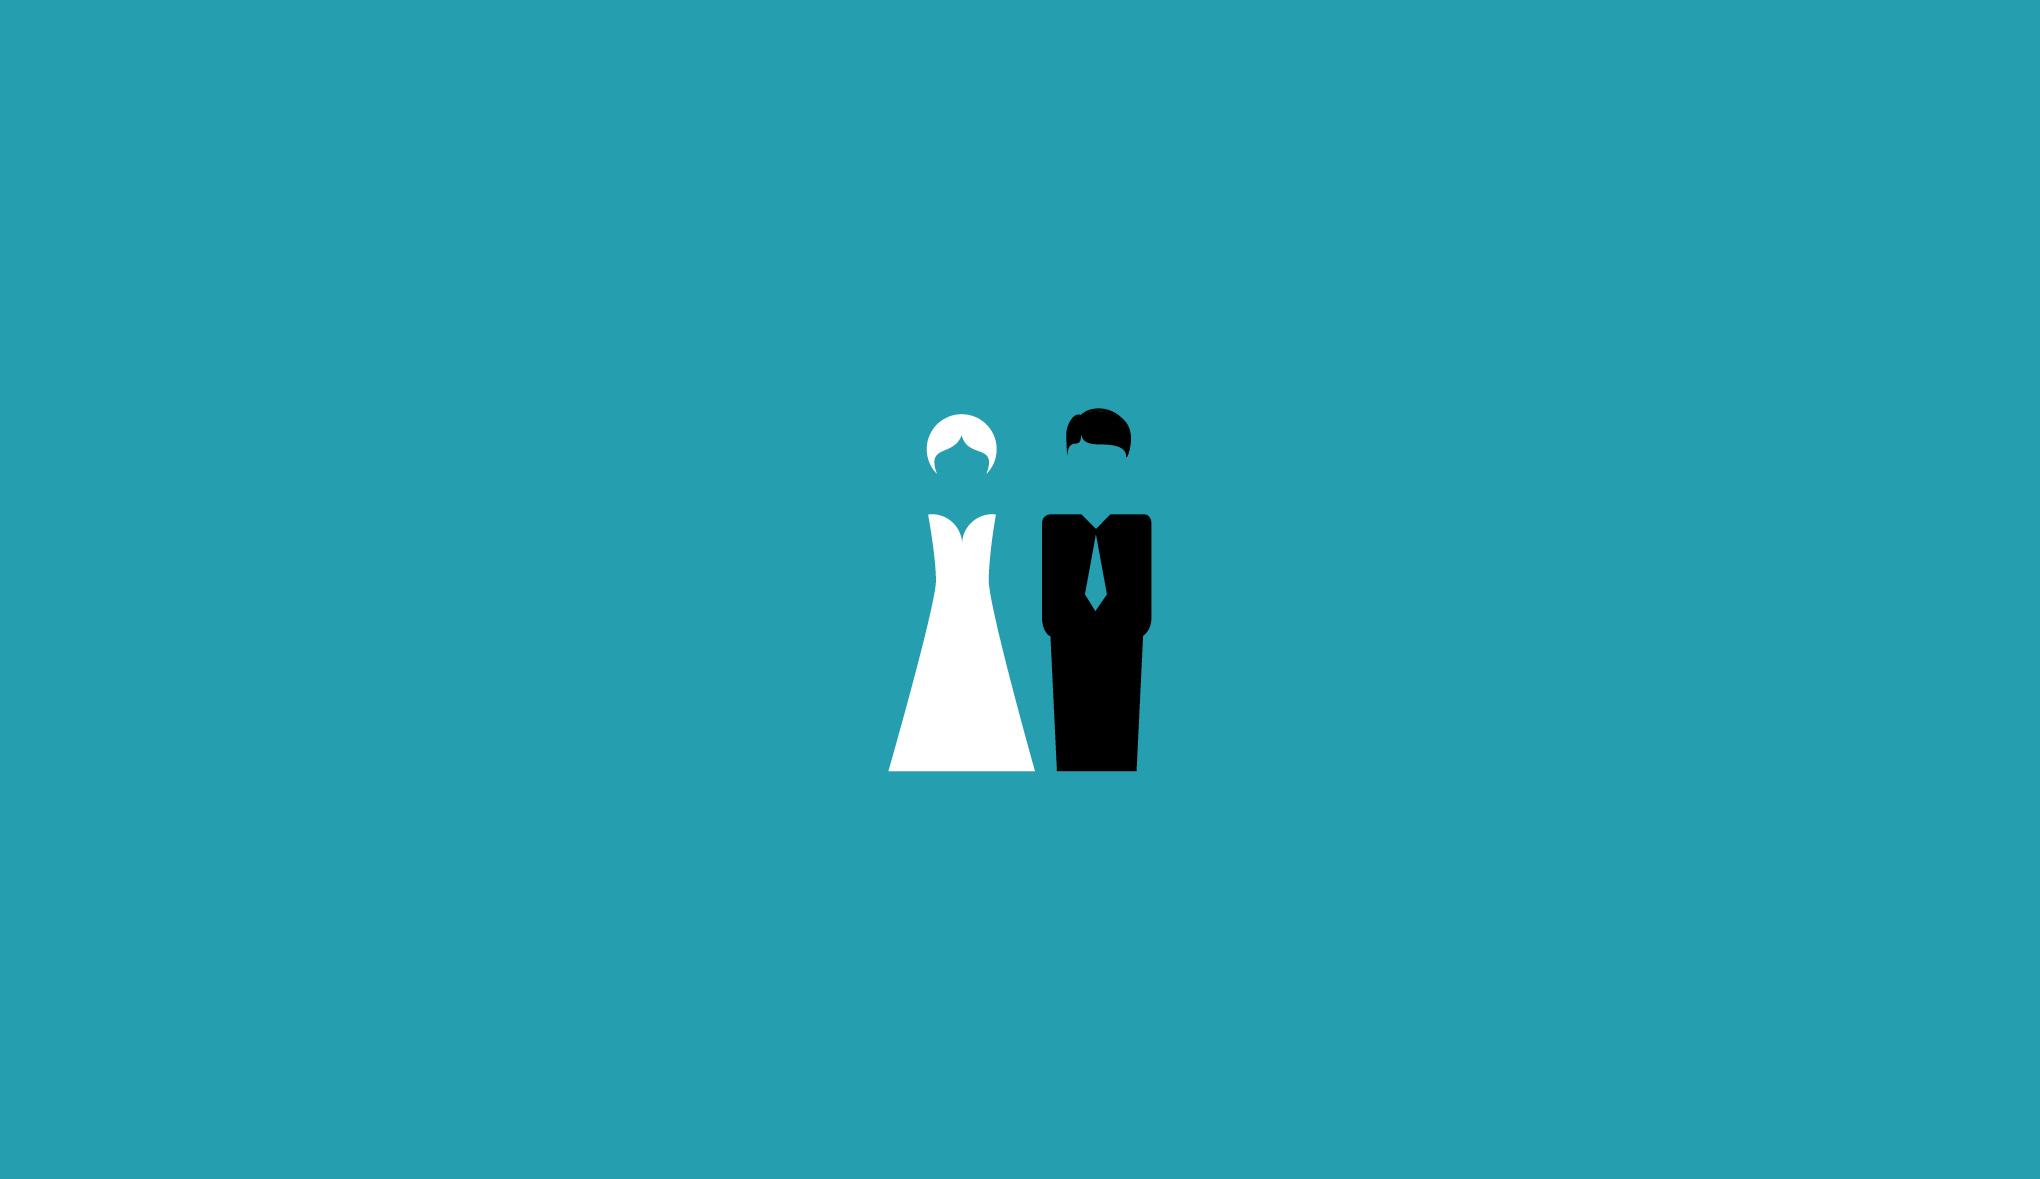 Logogestaltung von den sons of ipanema in Köln für Frau Immer & Herr Ewig einen Hochzeitsplaner in Rheinland.